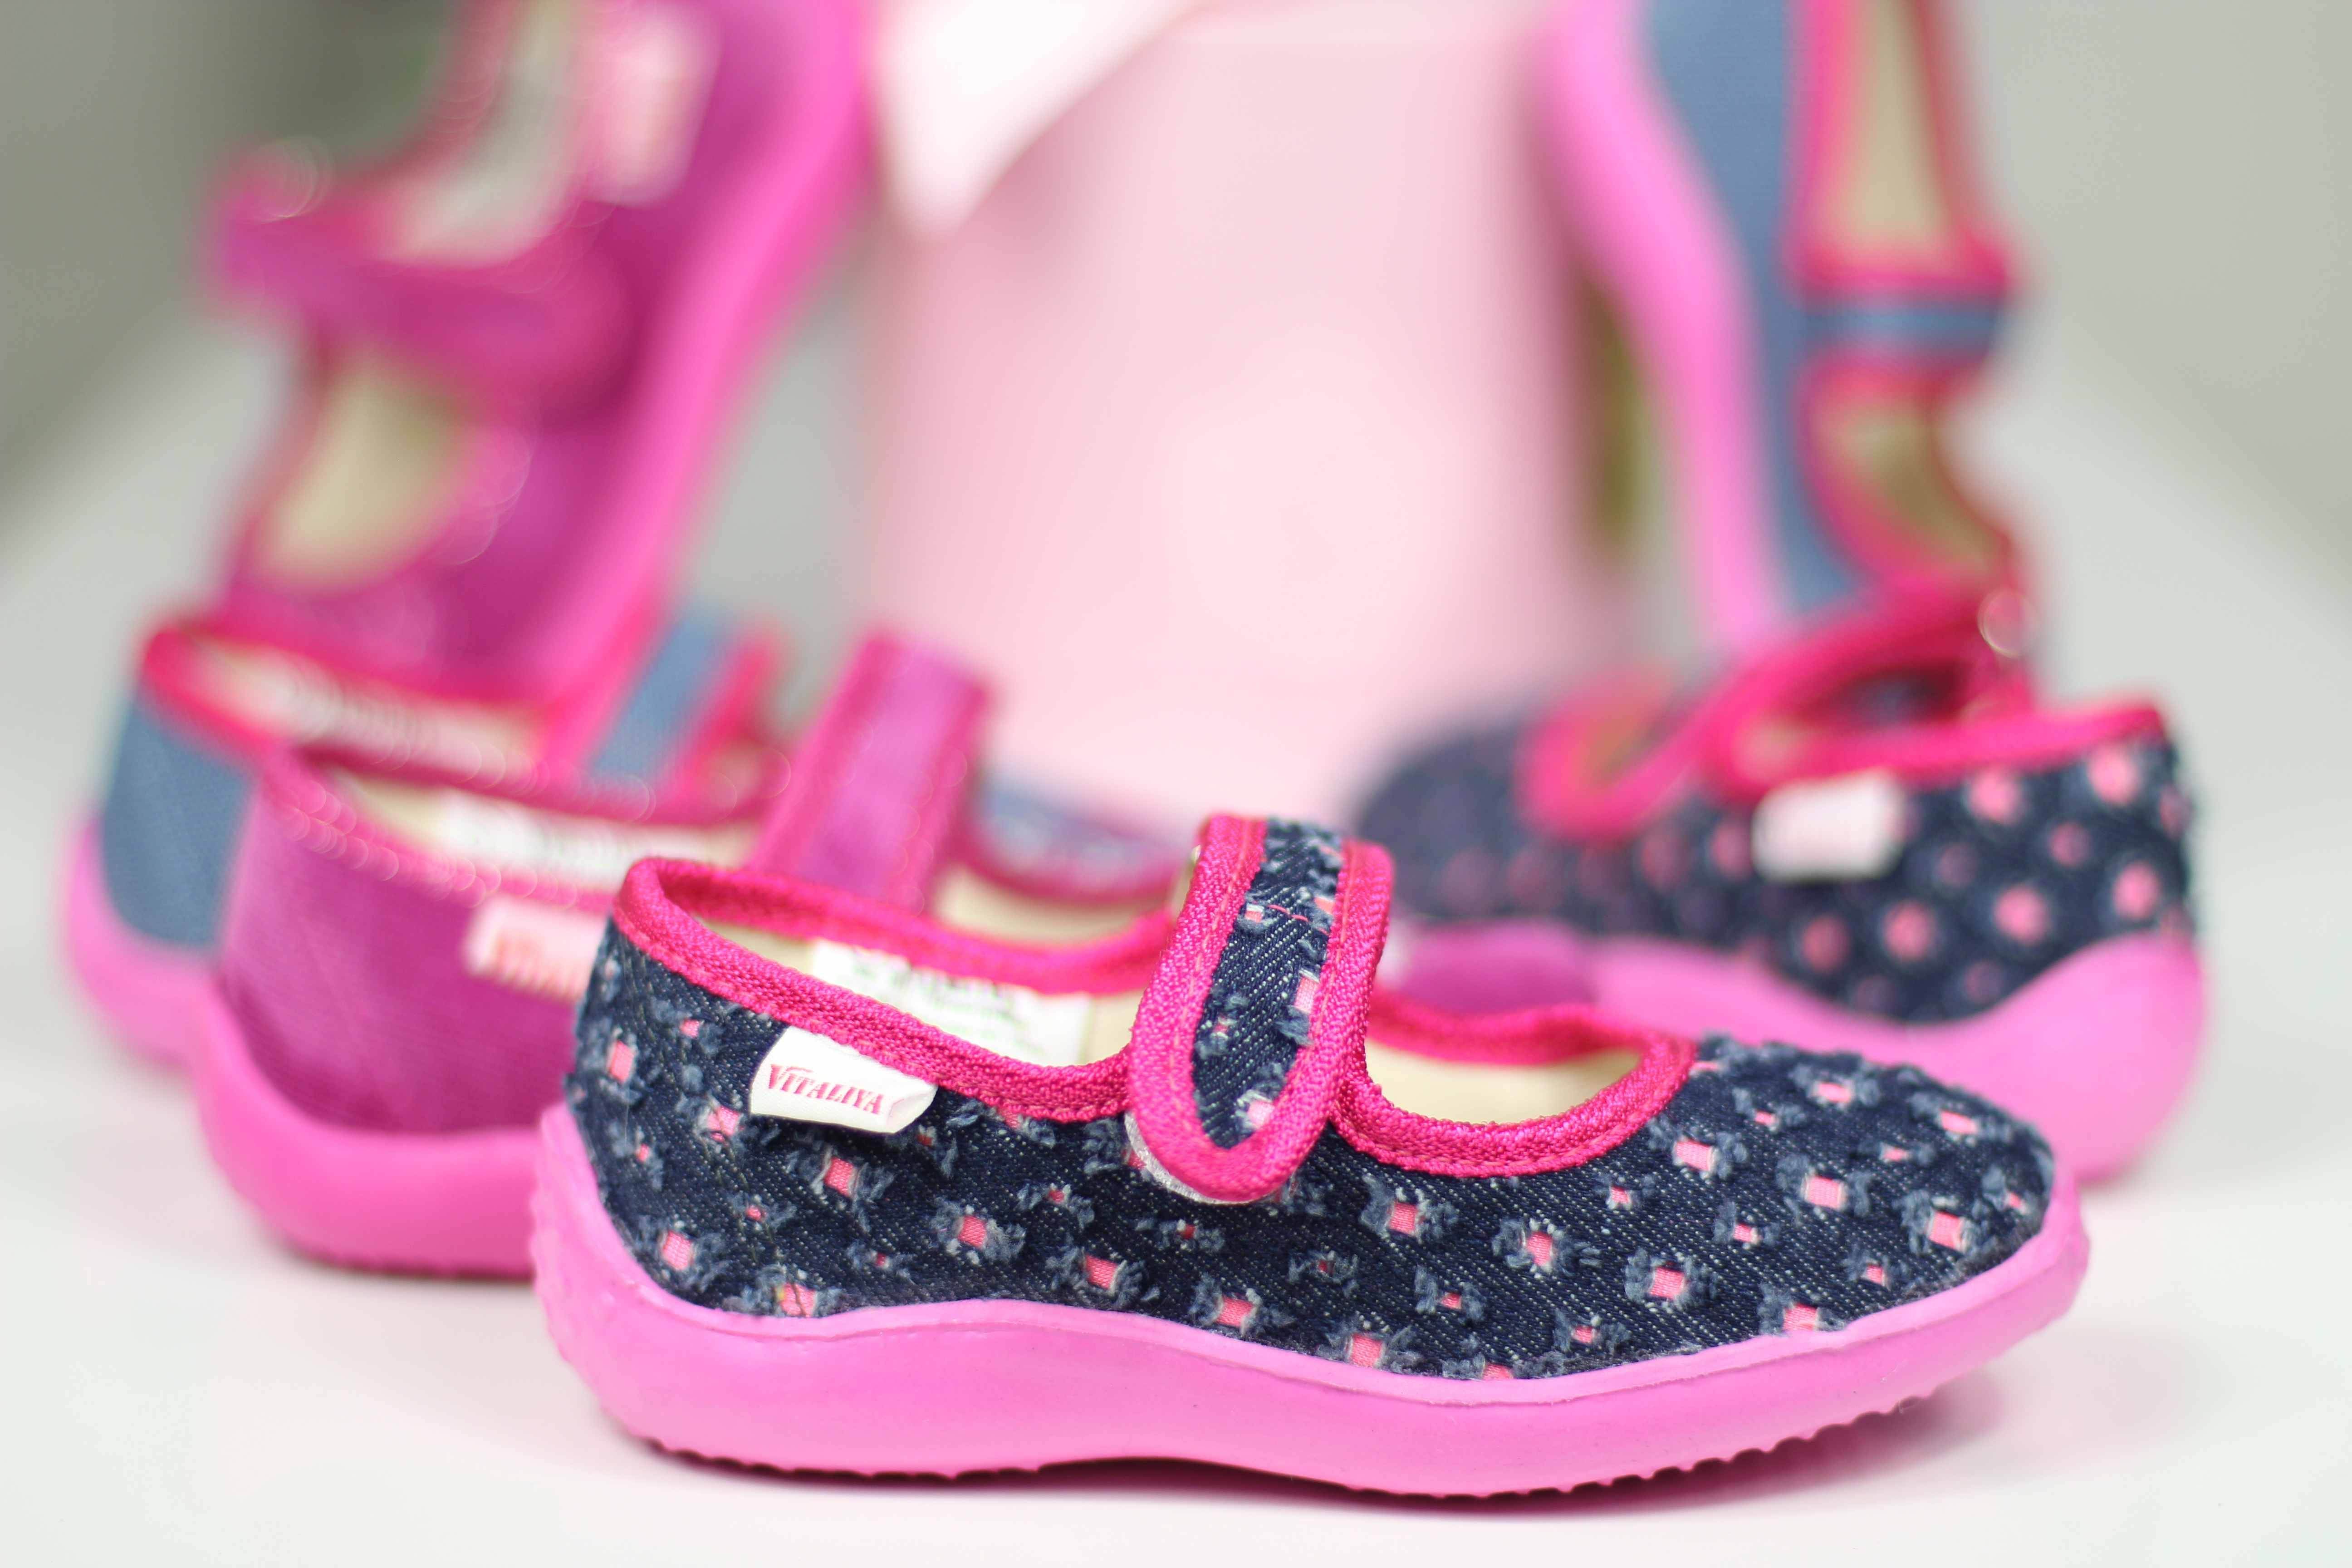 a3943a106 Наш магазин детской обуви предлагает вниманию покупателей продукцию  предприятия Vitaliya, которое использует для ее изготовления дорогостоящее  импортное ...